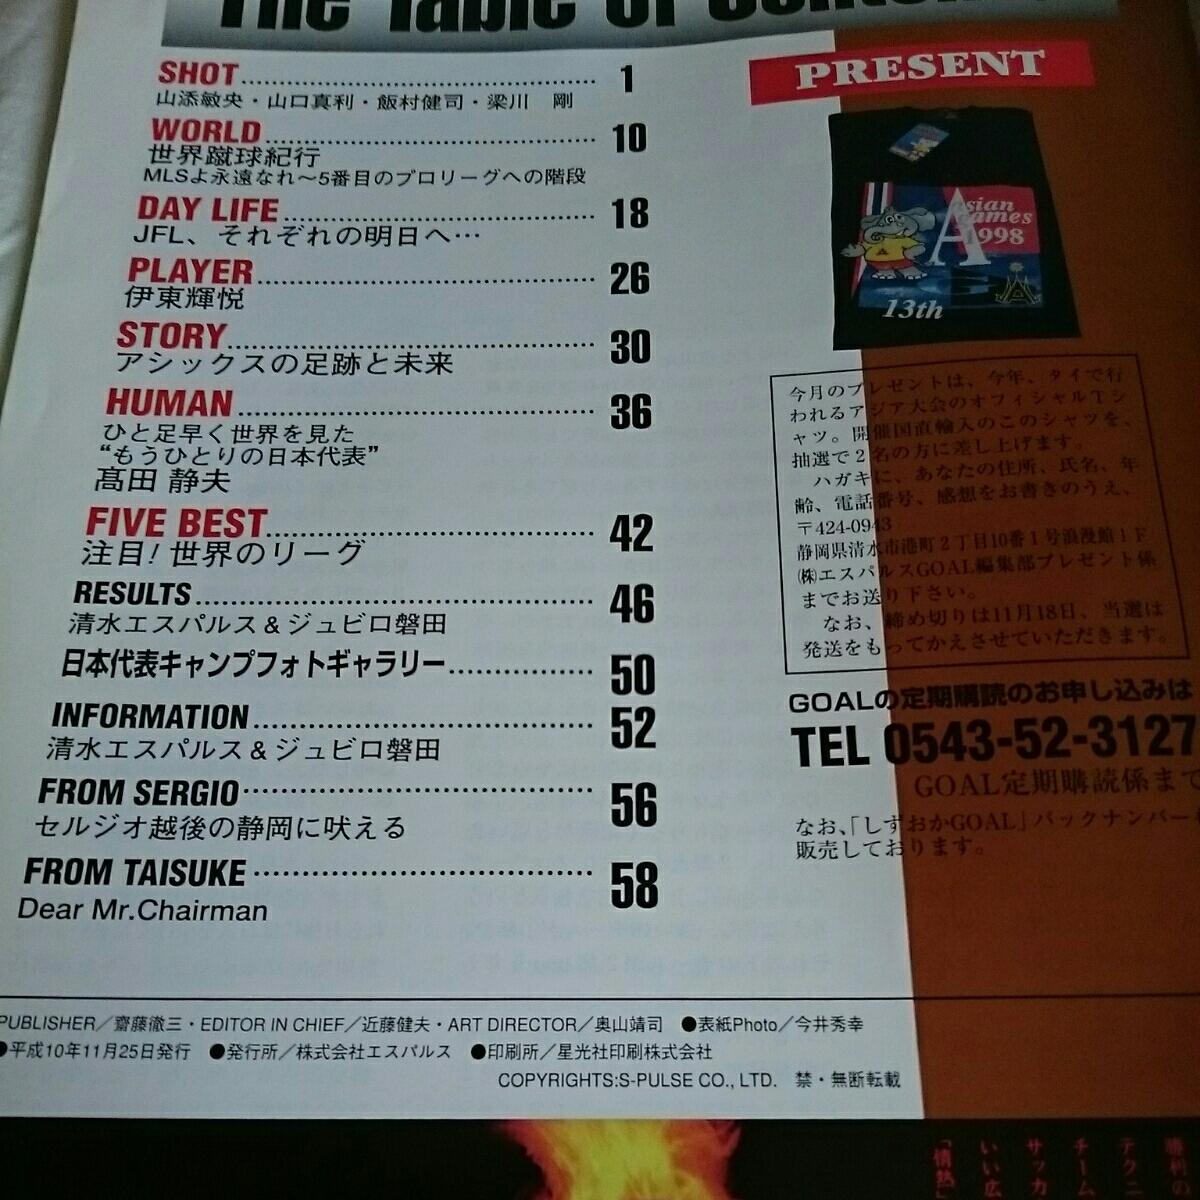 サッカー雑誌『ゴールGOAL1998ー11』4点送料無料清水エスパルス_画像2